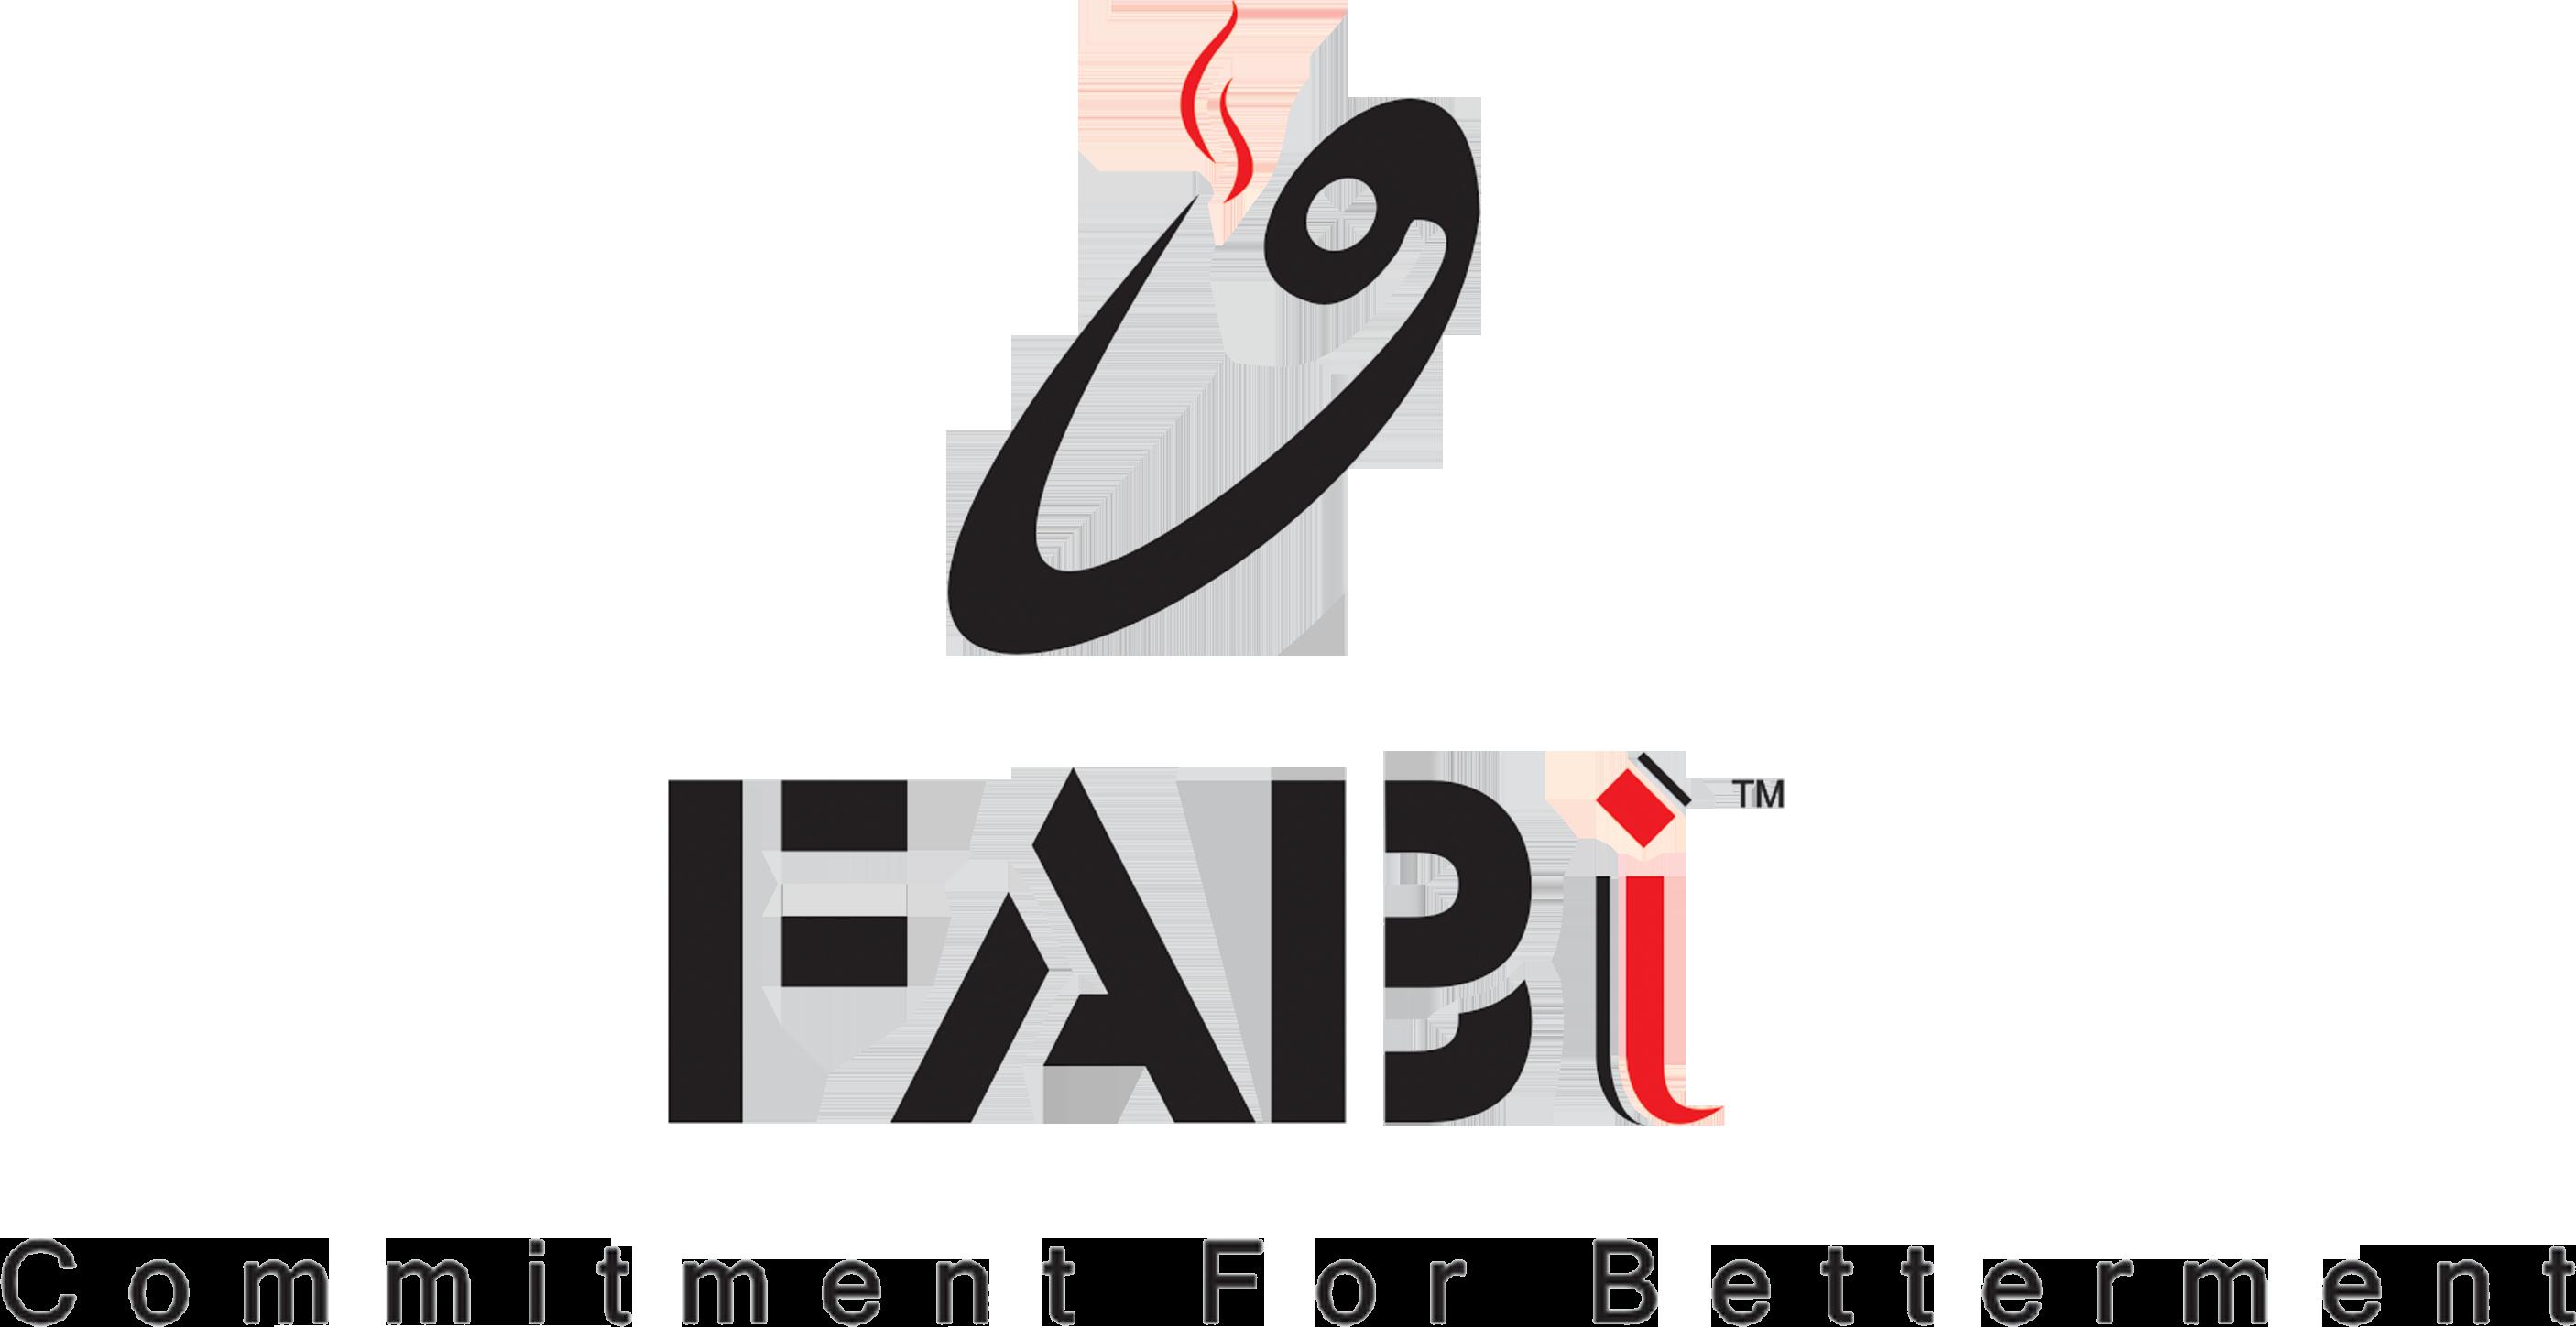 FABi Corp